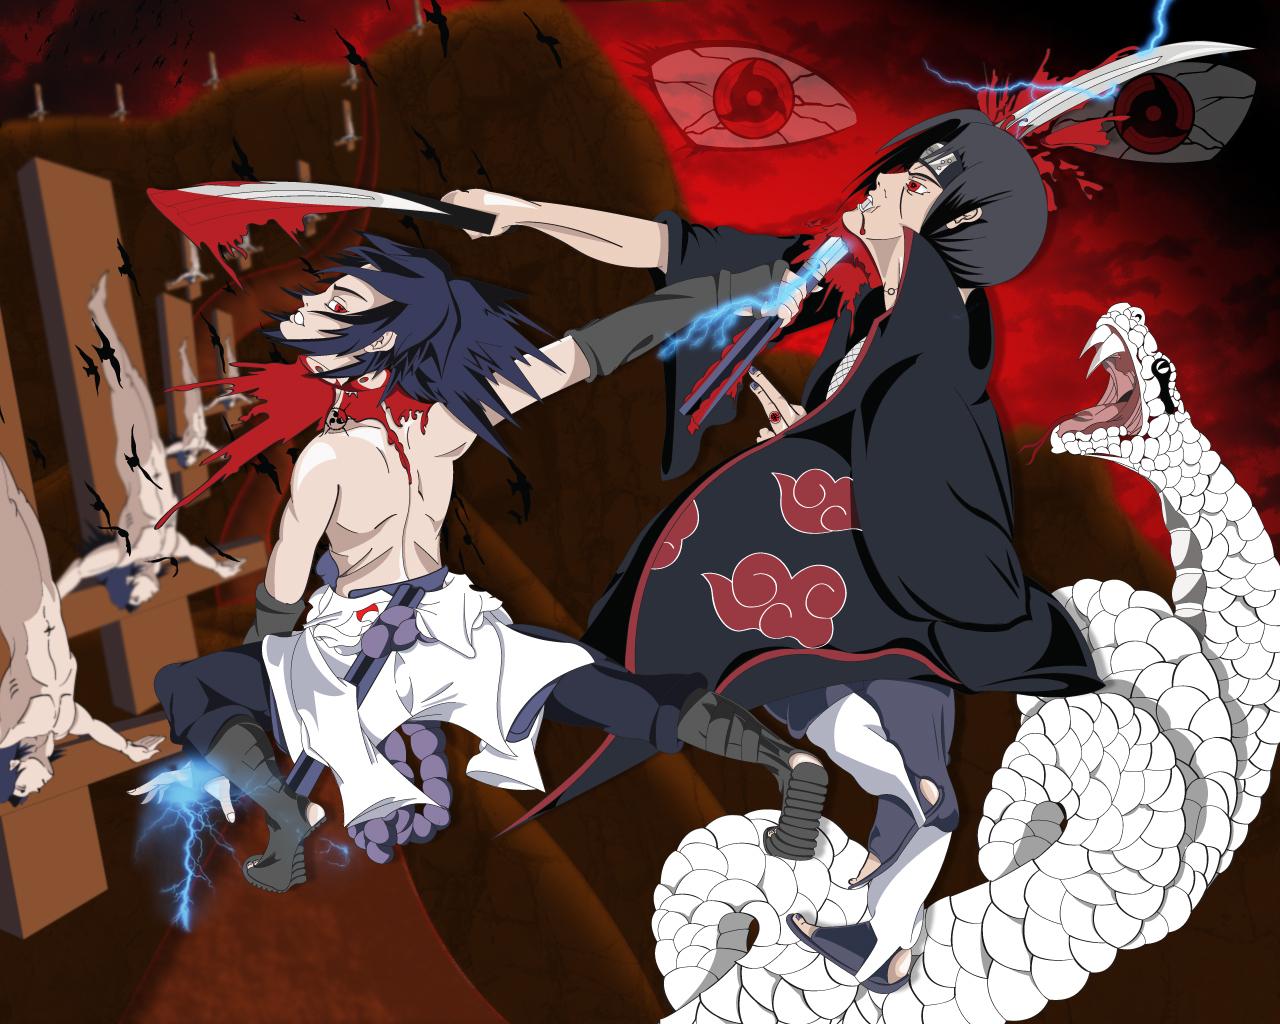 http://1.bp.blogspot.com/-9gE9poBpvE8/USpPhiXnRpI/AAAAAAAAGmc/c6Ikvlk39Ds/s1600/Itachi-vs-Sasuke-naruto-shippuuden-9162929-1280-1024+%25281%2529.jpg